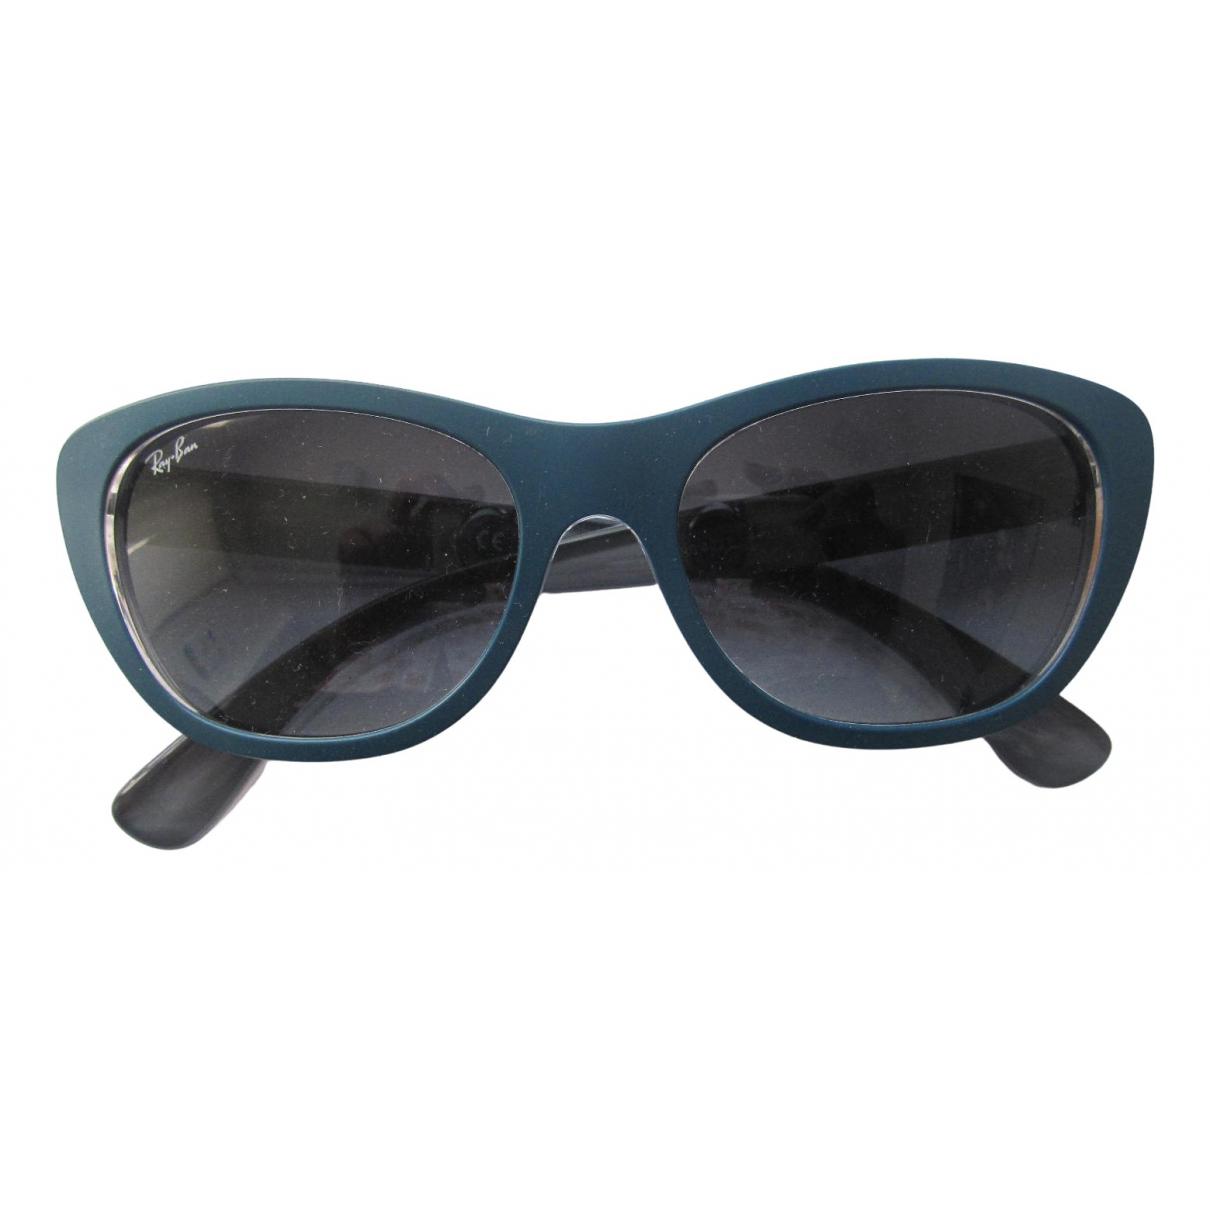 Ray-ban - Lunettes   pour femme en autre - bleu